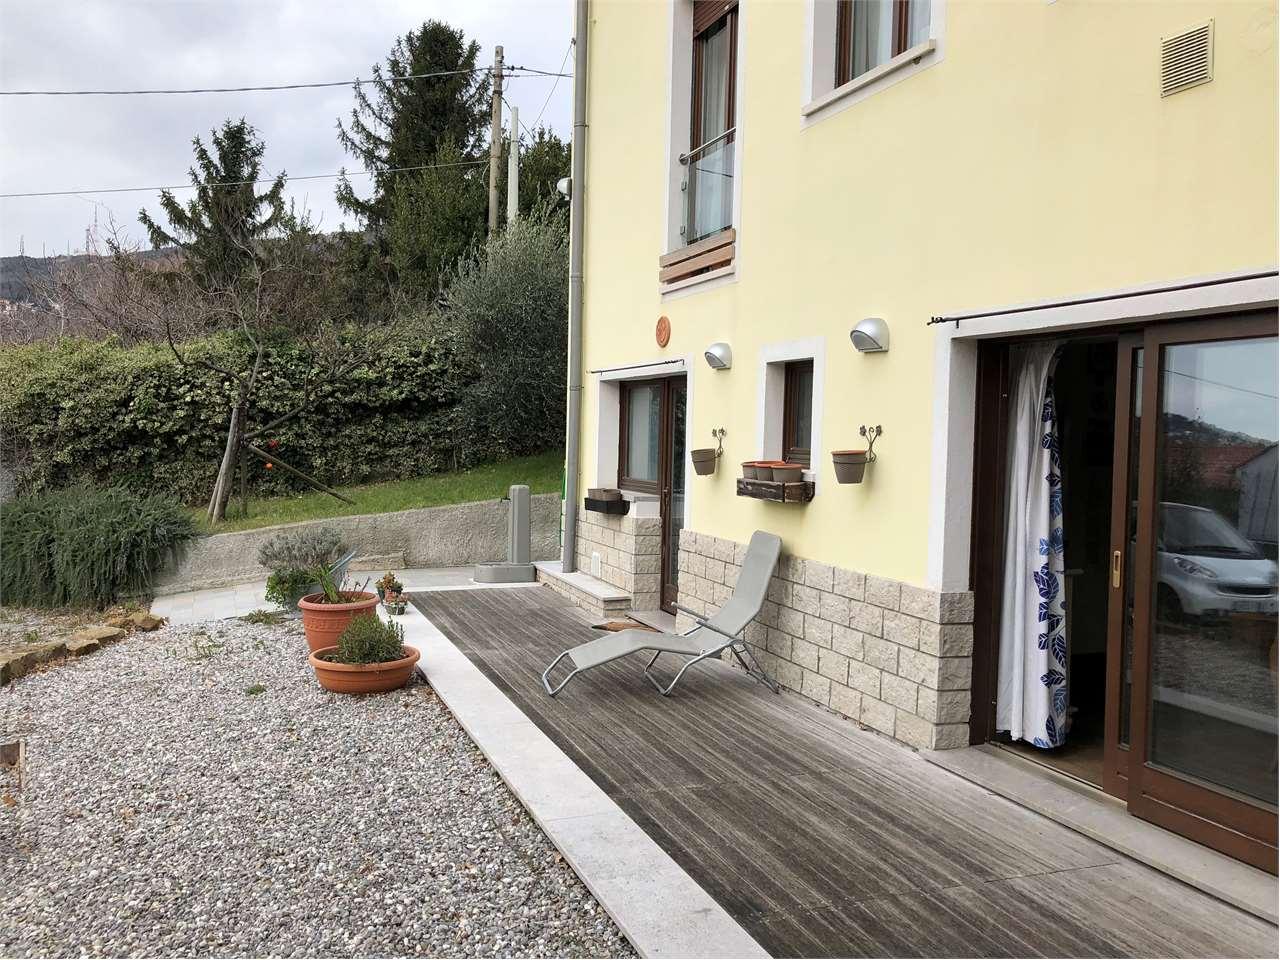 Appartamento in affitto a Trieste, 2 locali, zona Località: San Giovanni, prezzo € 550   CambioCasa.it